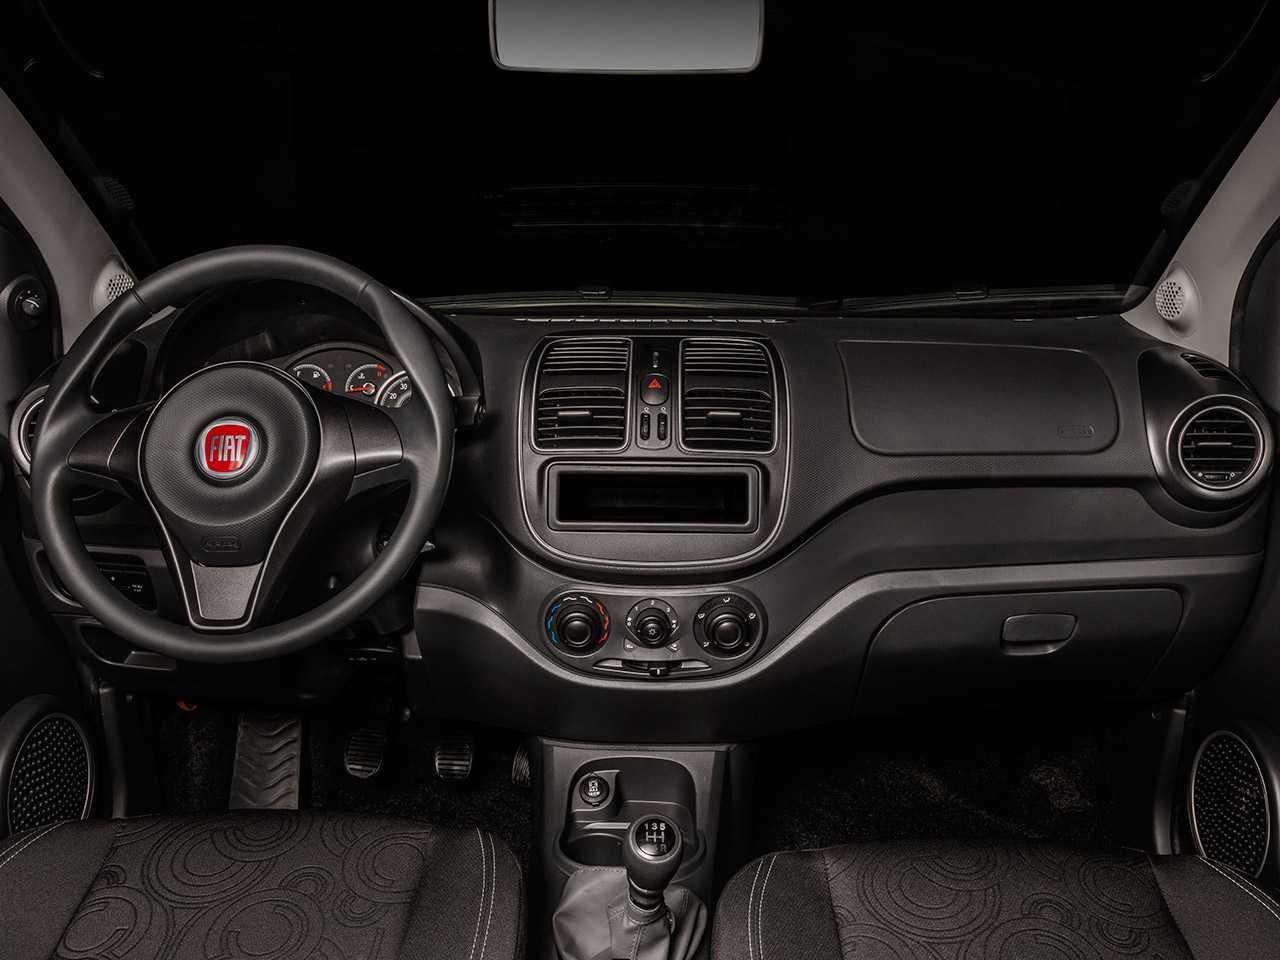 FiatGrand Siena 2020 - painel